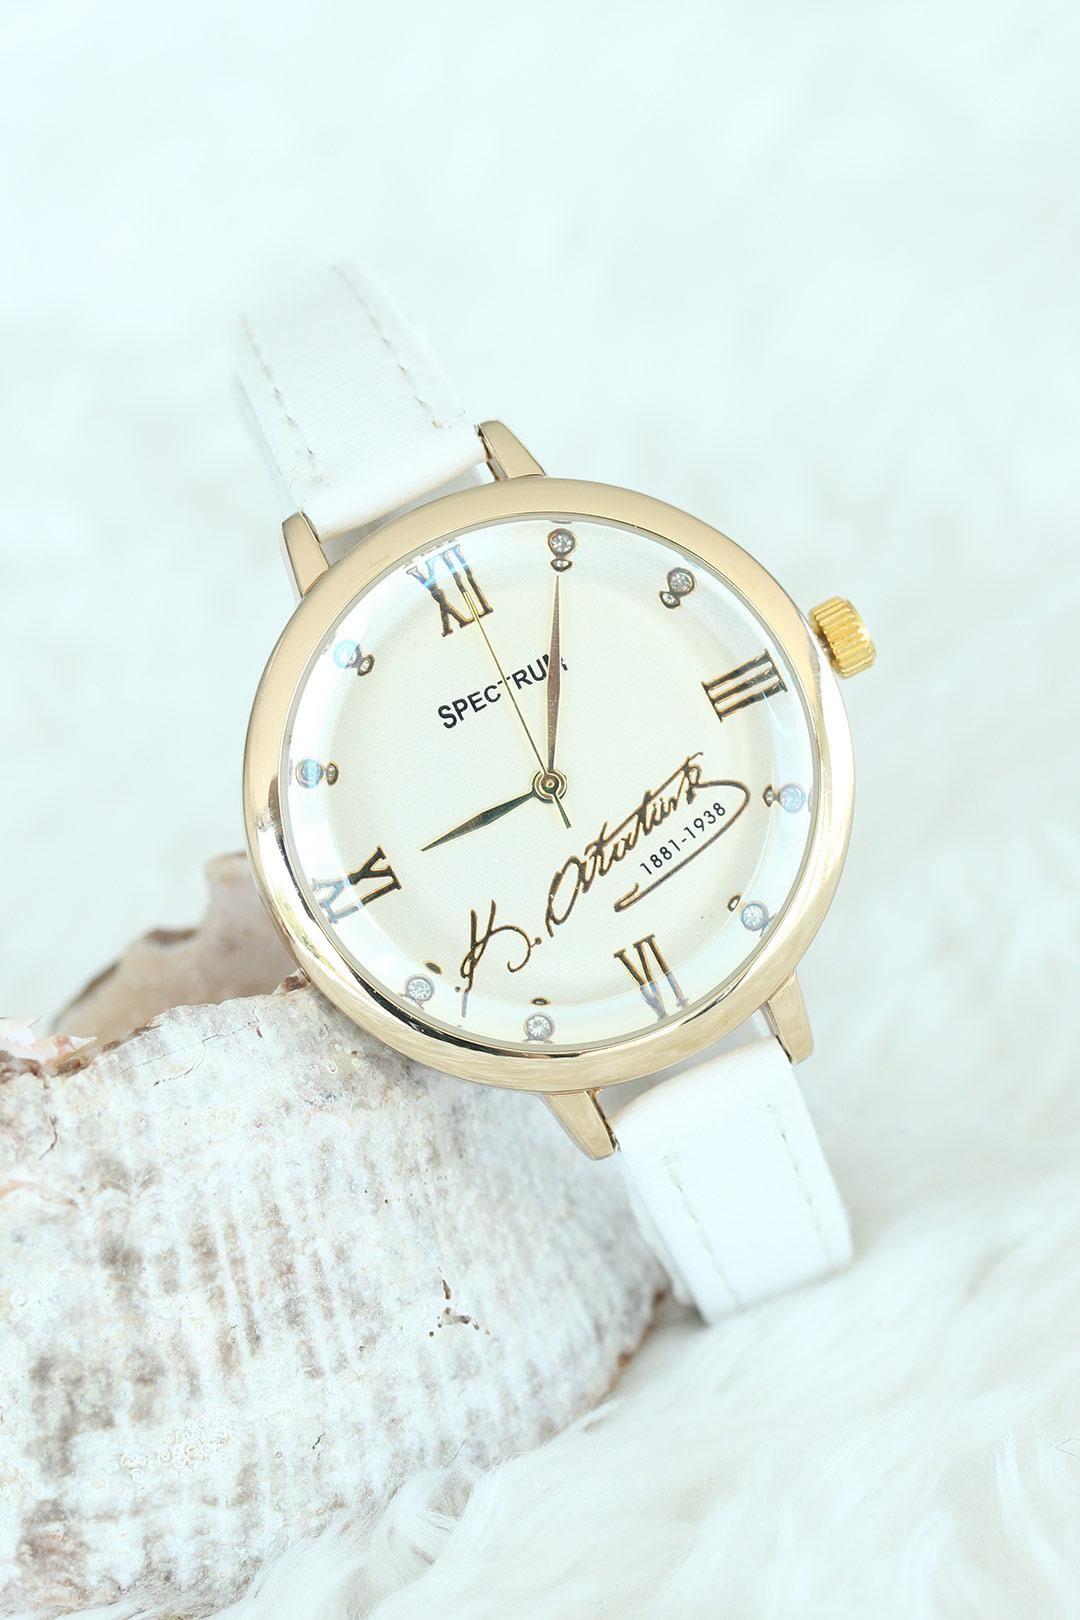 Beyaz Deri Kordon Atatürklü Gold Kasalı Bayan Saat